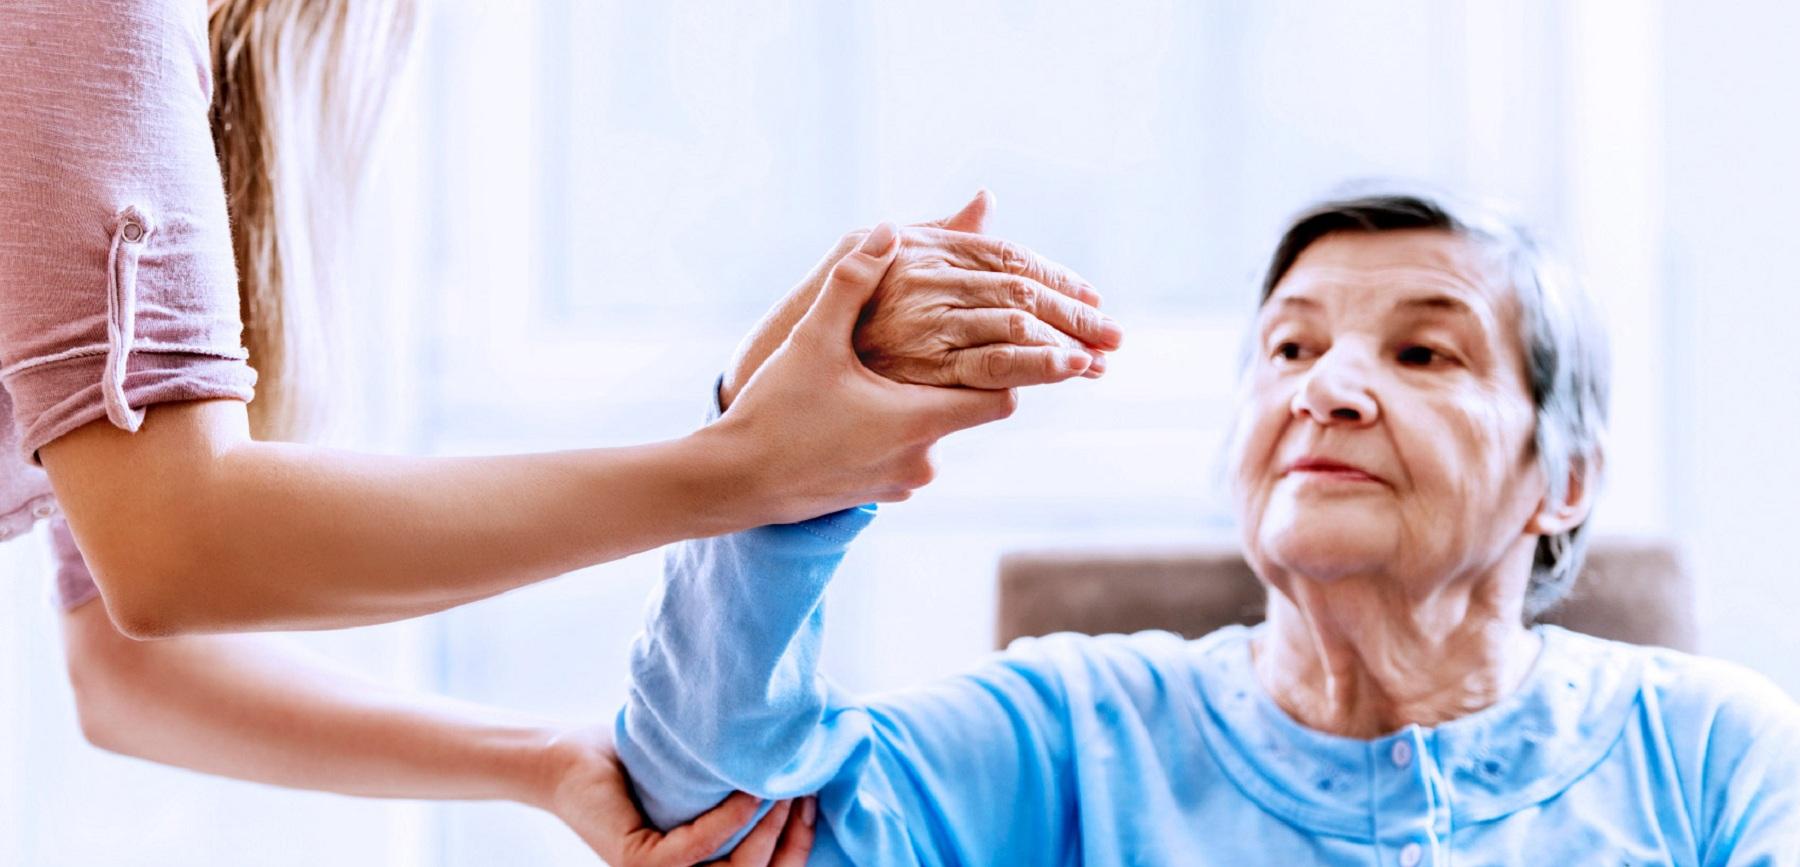 Лечение инсульта в домашних условия при постельном режиме